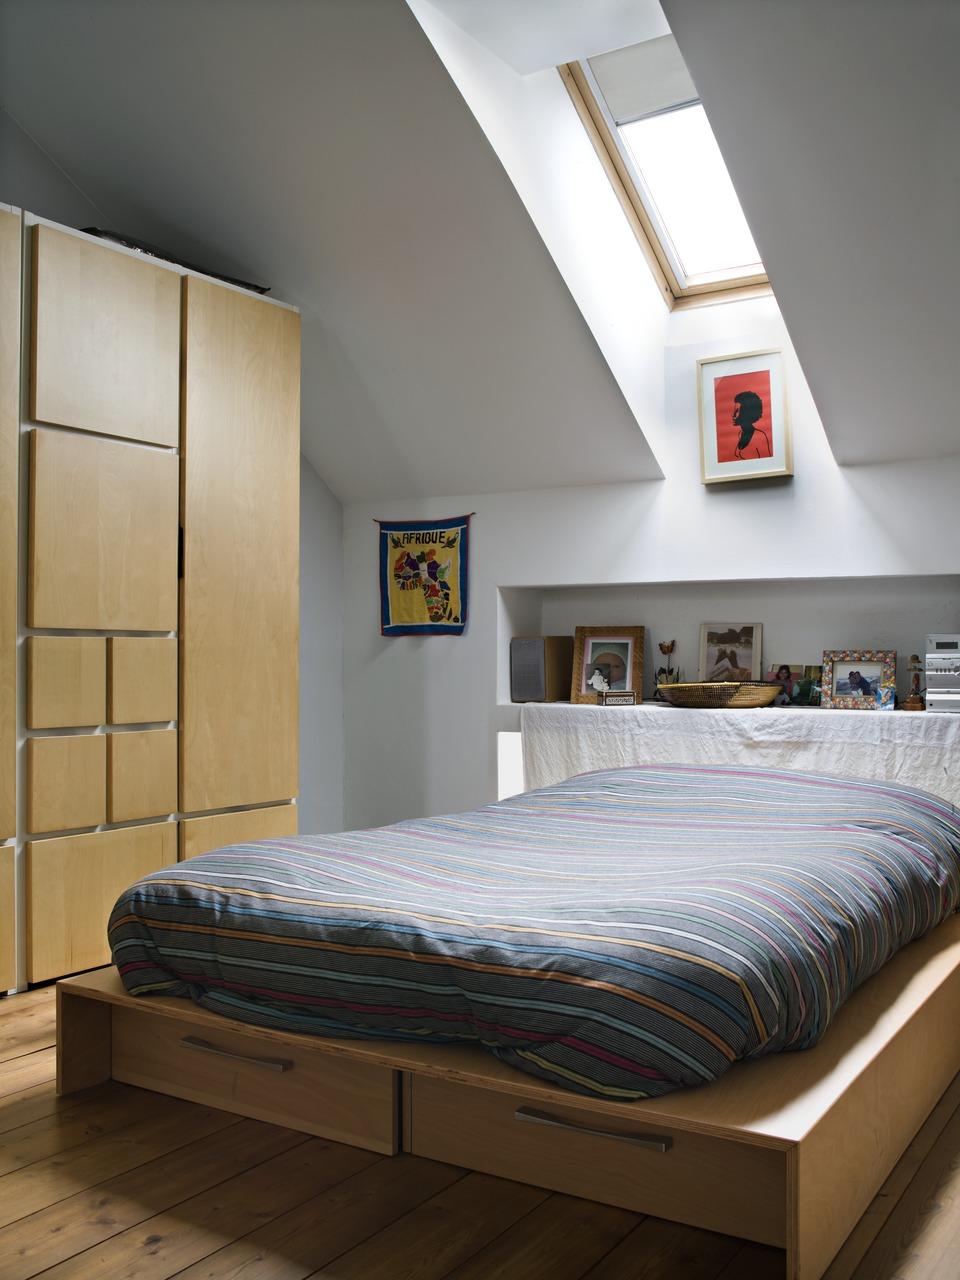 Soluzioni per sfruttare al meglio lo spazio for Camera da letto usata milano